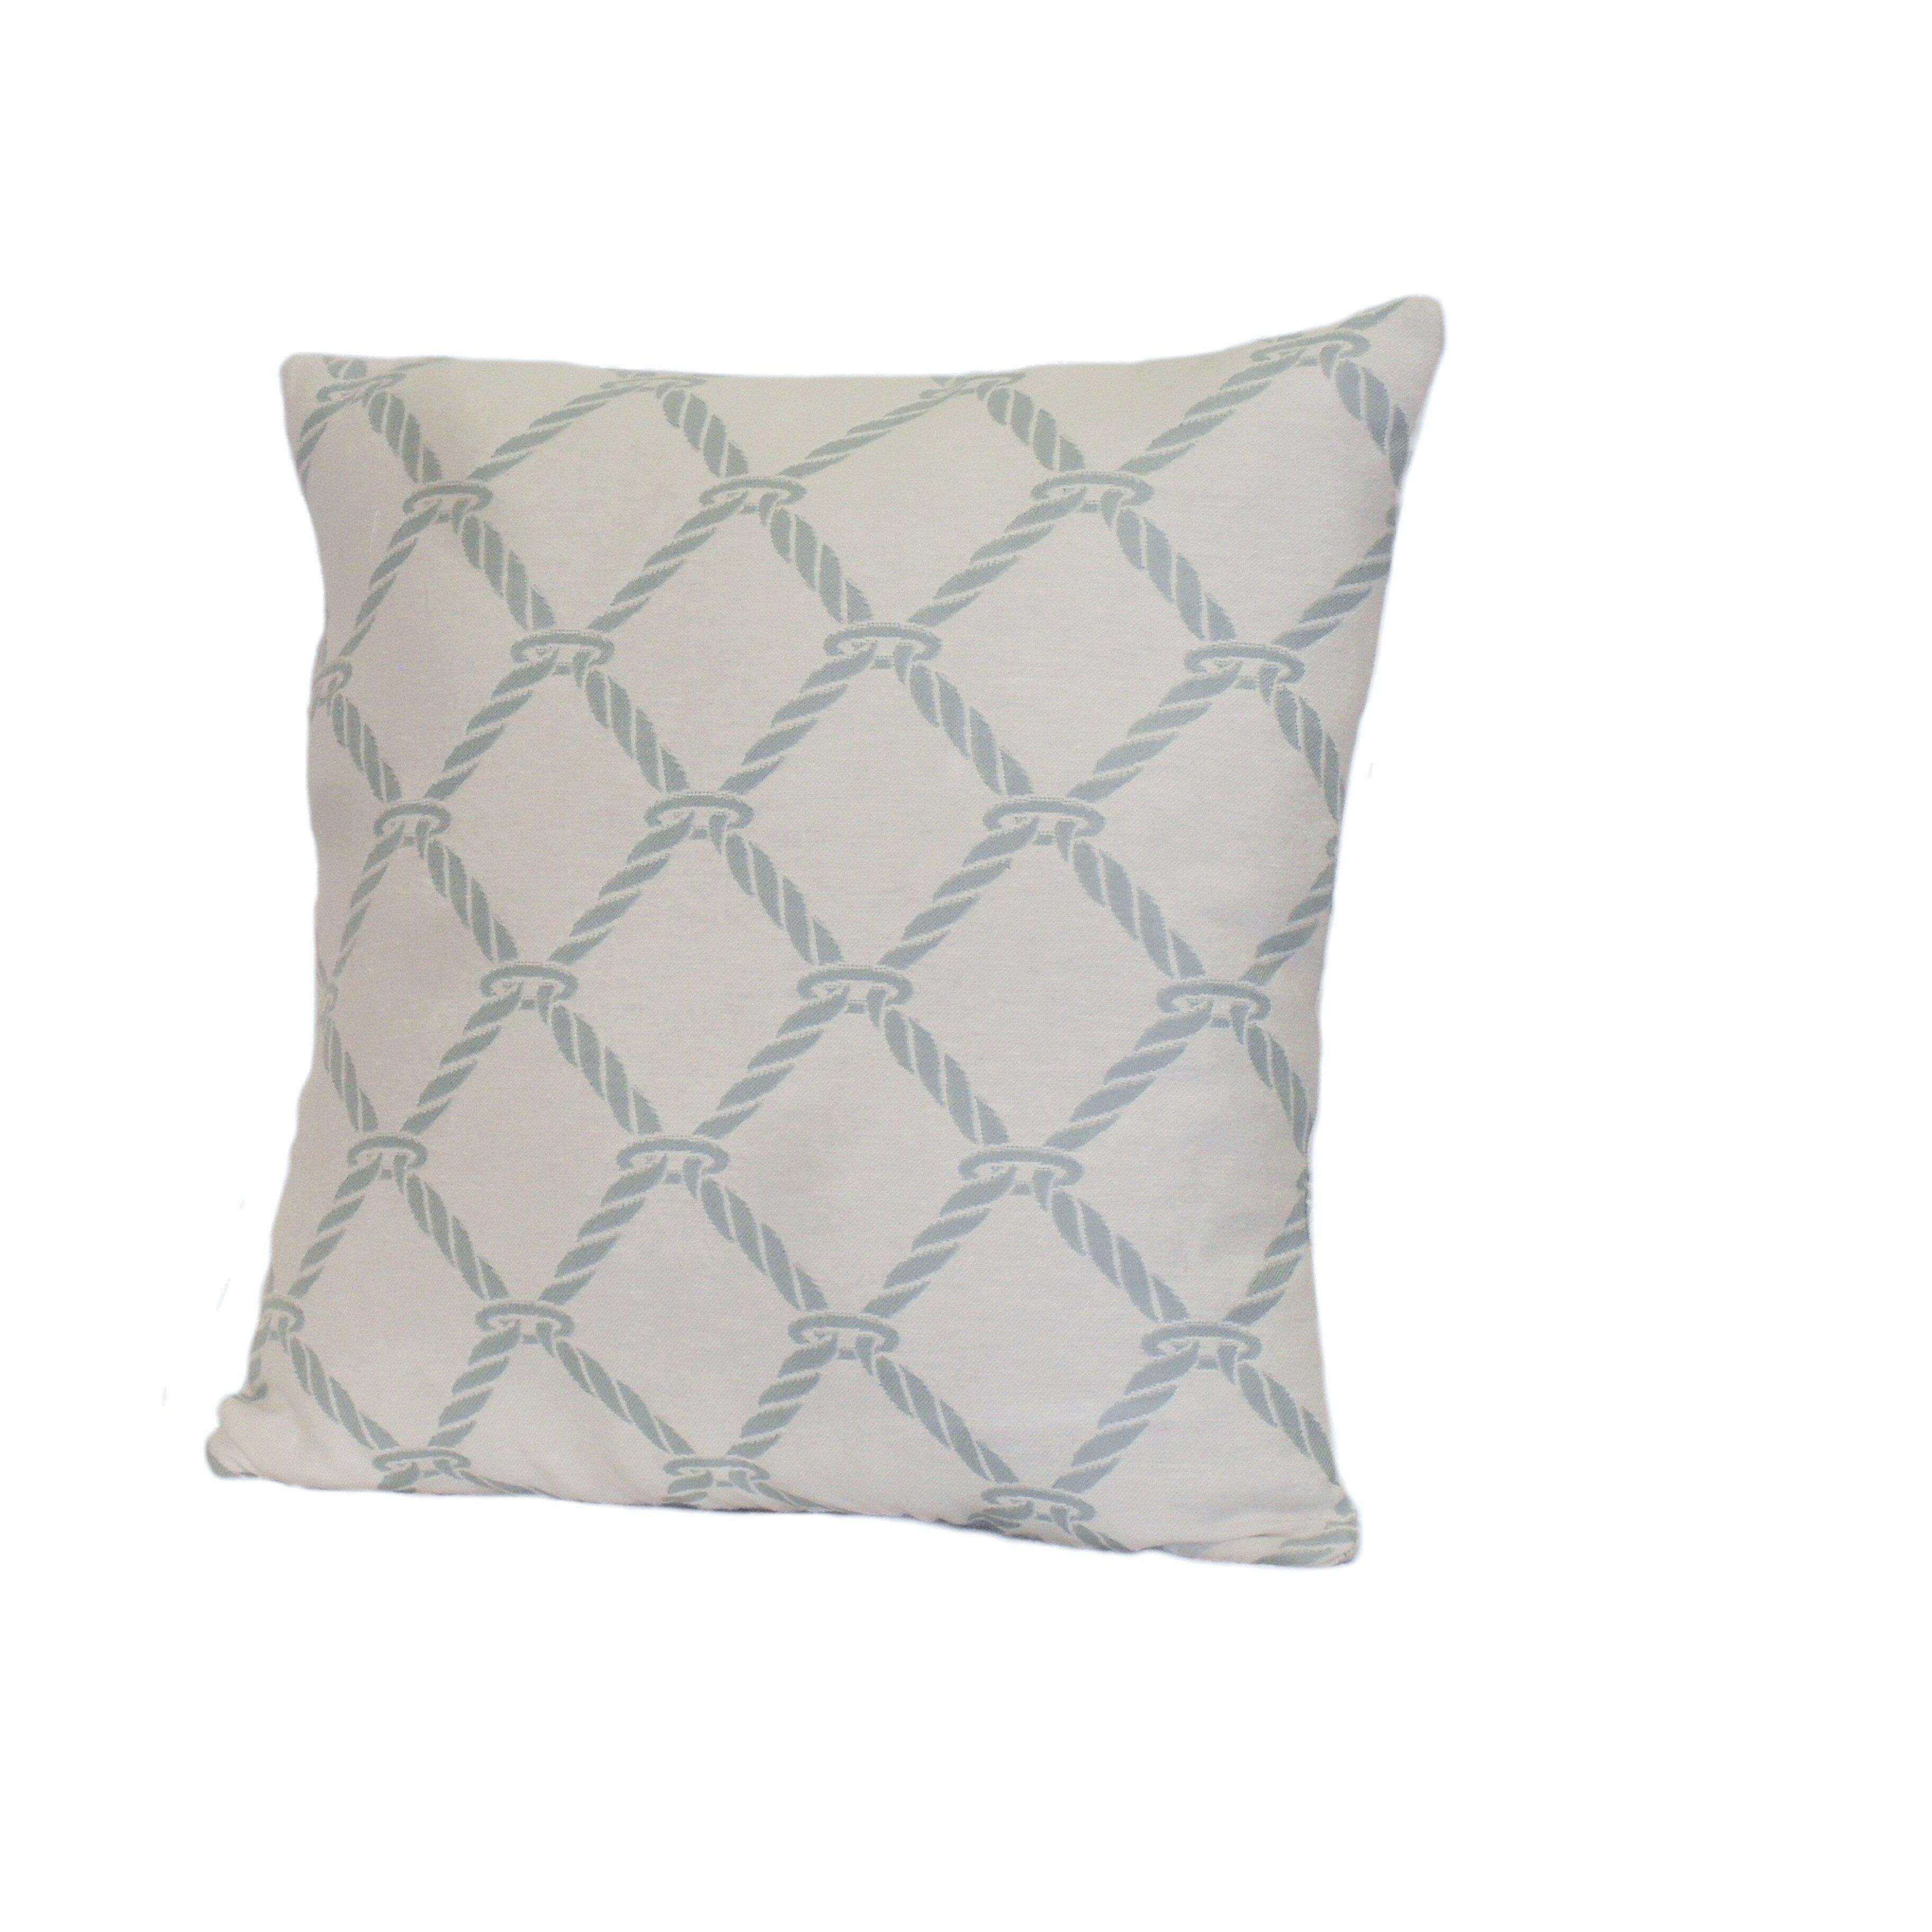 Nautical Design Throw Pillows : Rennie & Rose Design Group Nautical Rope Stuffed Throw Pillow Wayfair